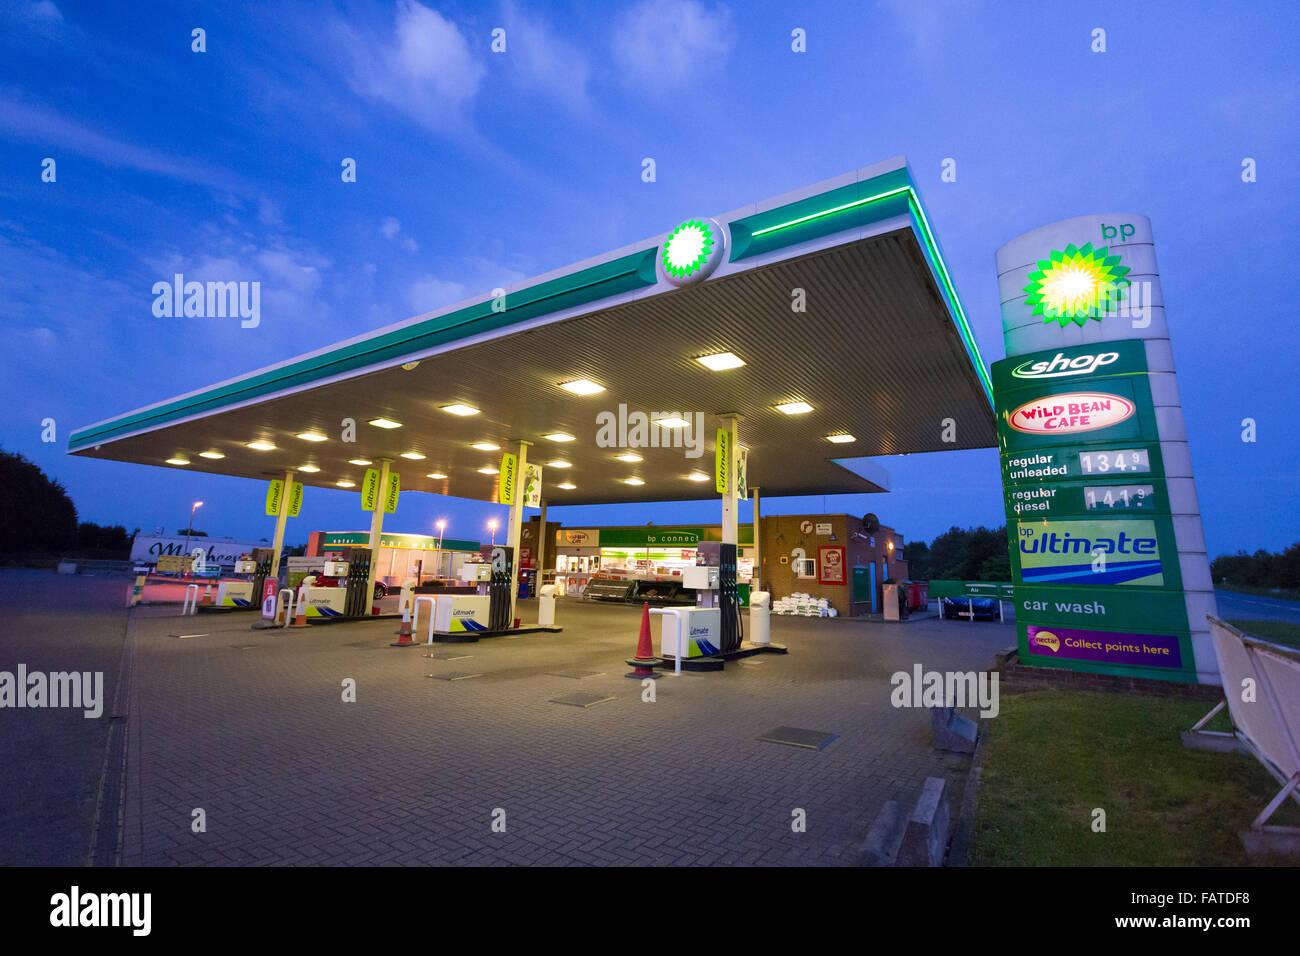 deserted petrol station photos deserted petrol station images alamy. Black Bedroom Furniture Sets. Home Design Ideas